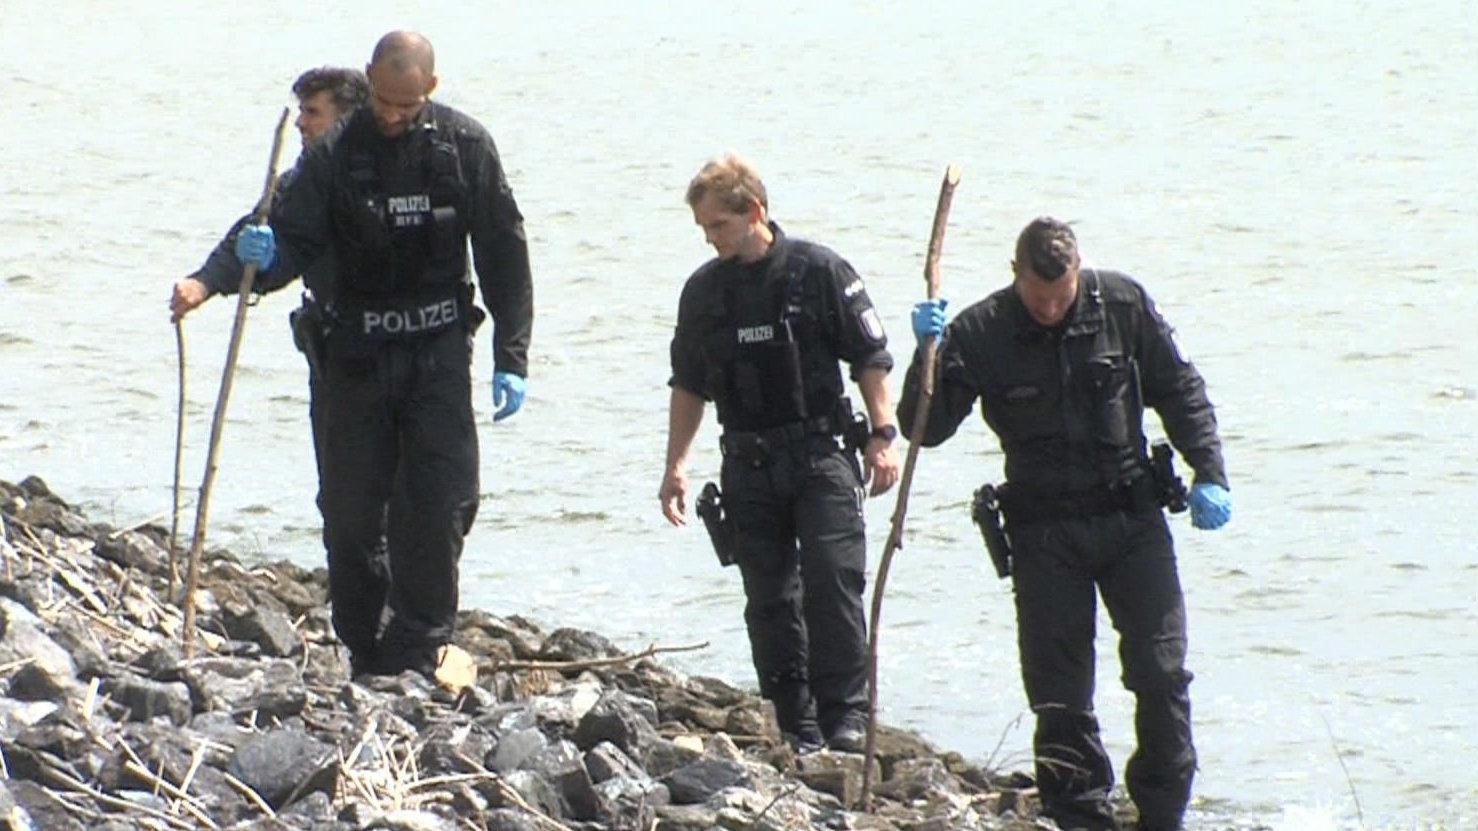 Prostituiertenmord in Hamburg: Polizei fischt Kopf aus dem Wasser